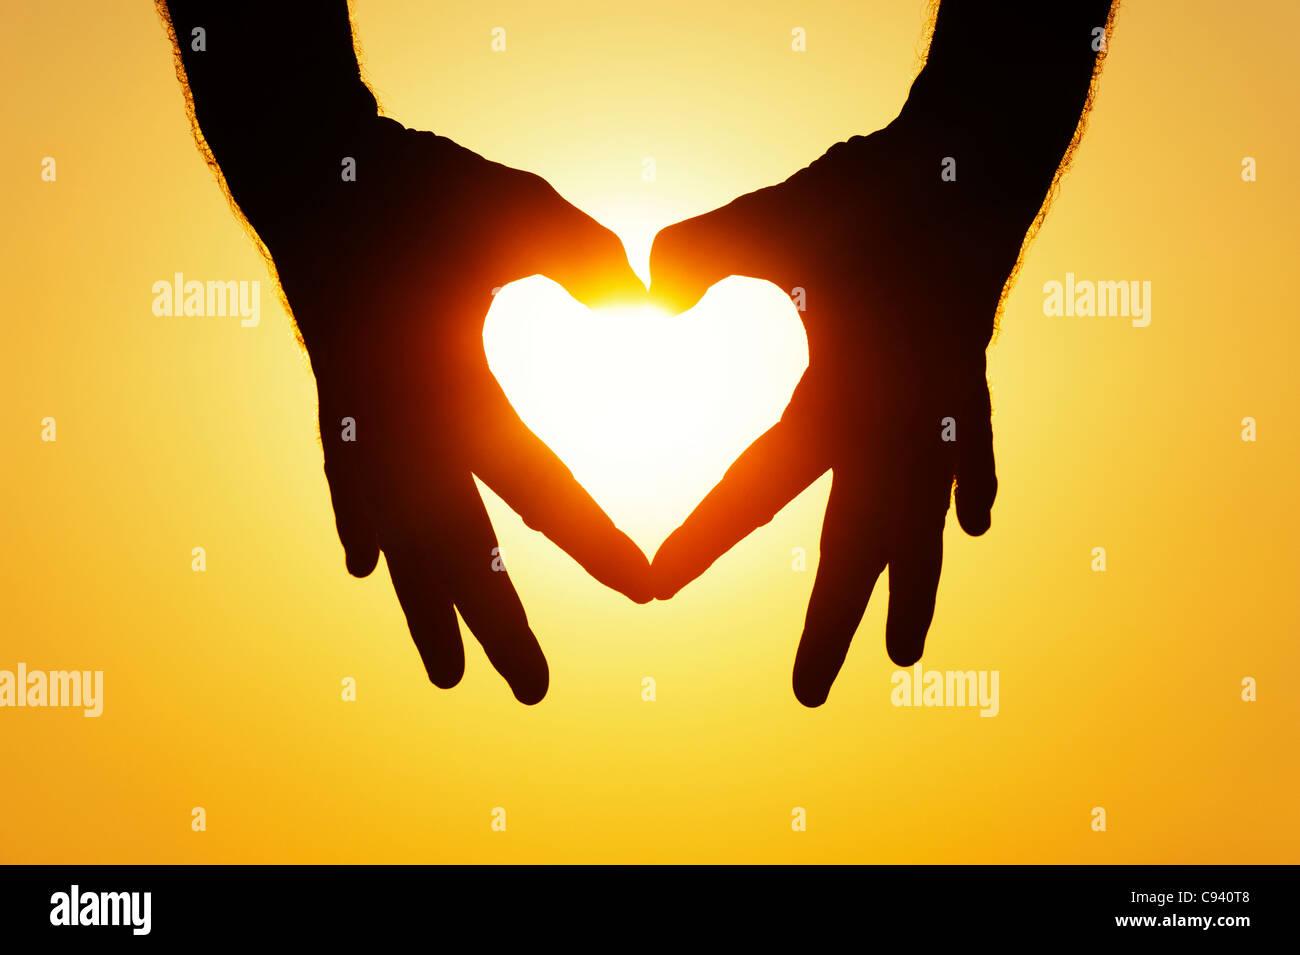 Herzform Hände Silhouette gegen die untergehende Sonne Stockbild